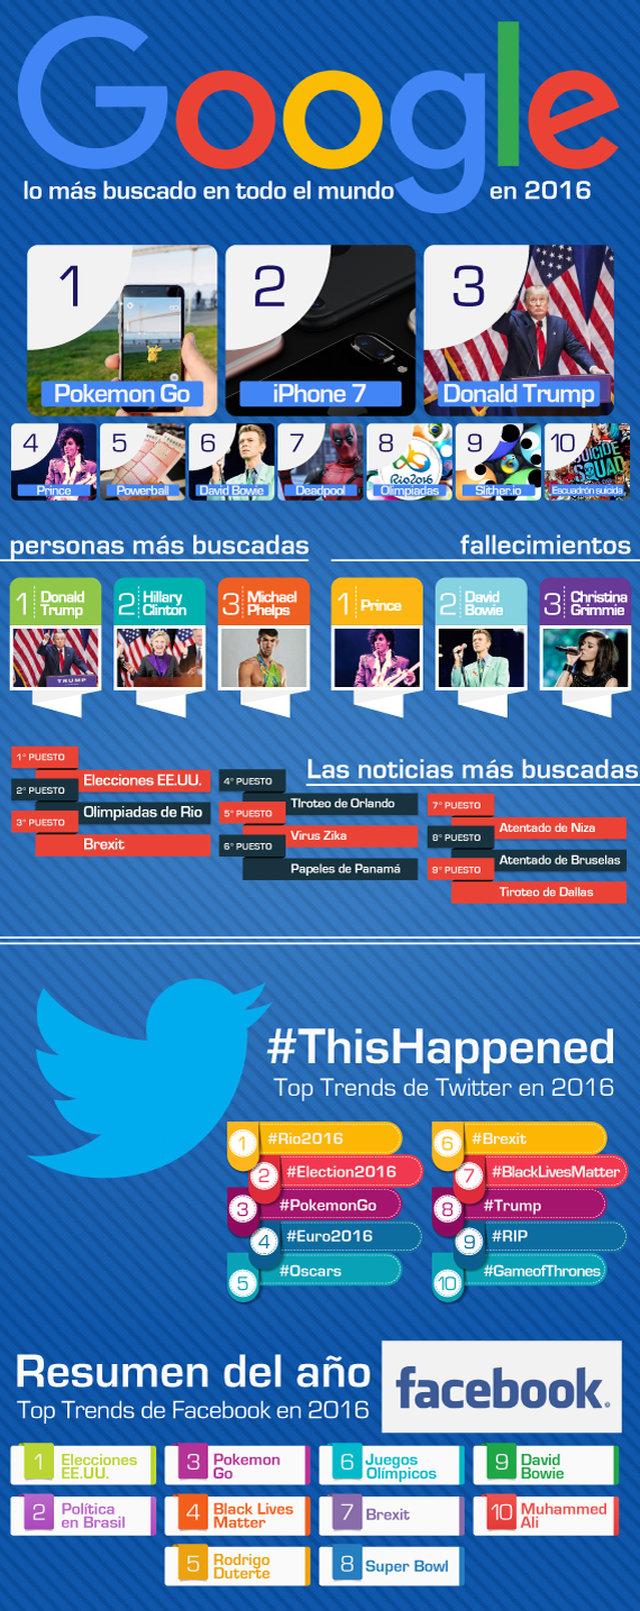 Infografia los mejores hashtag Twitter en 2016